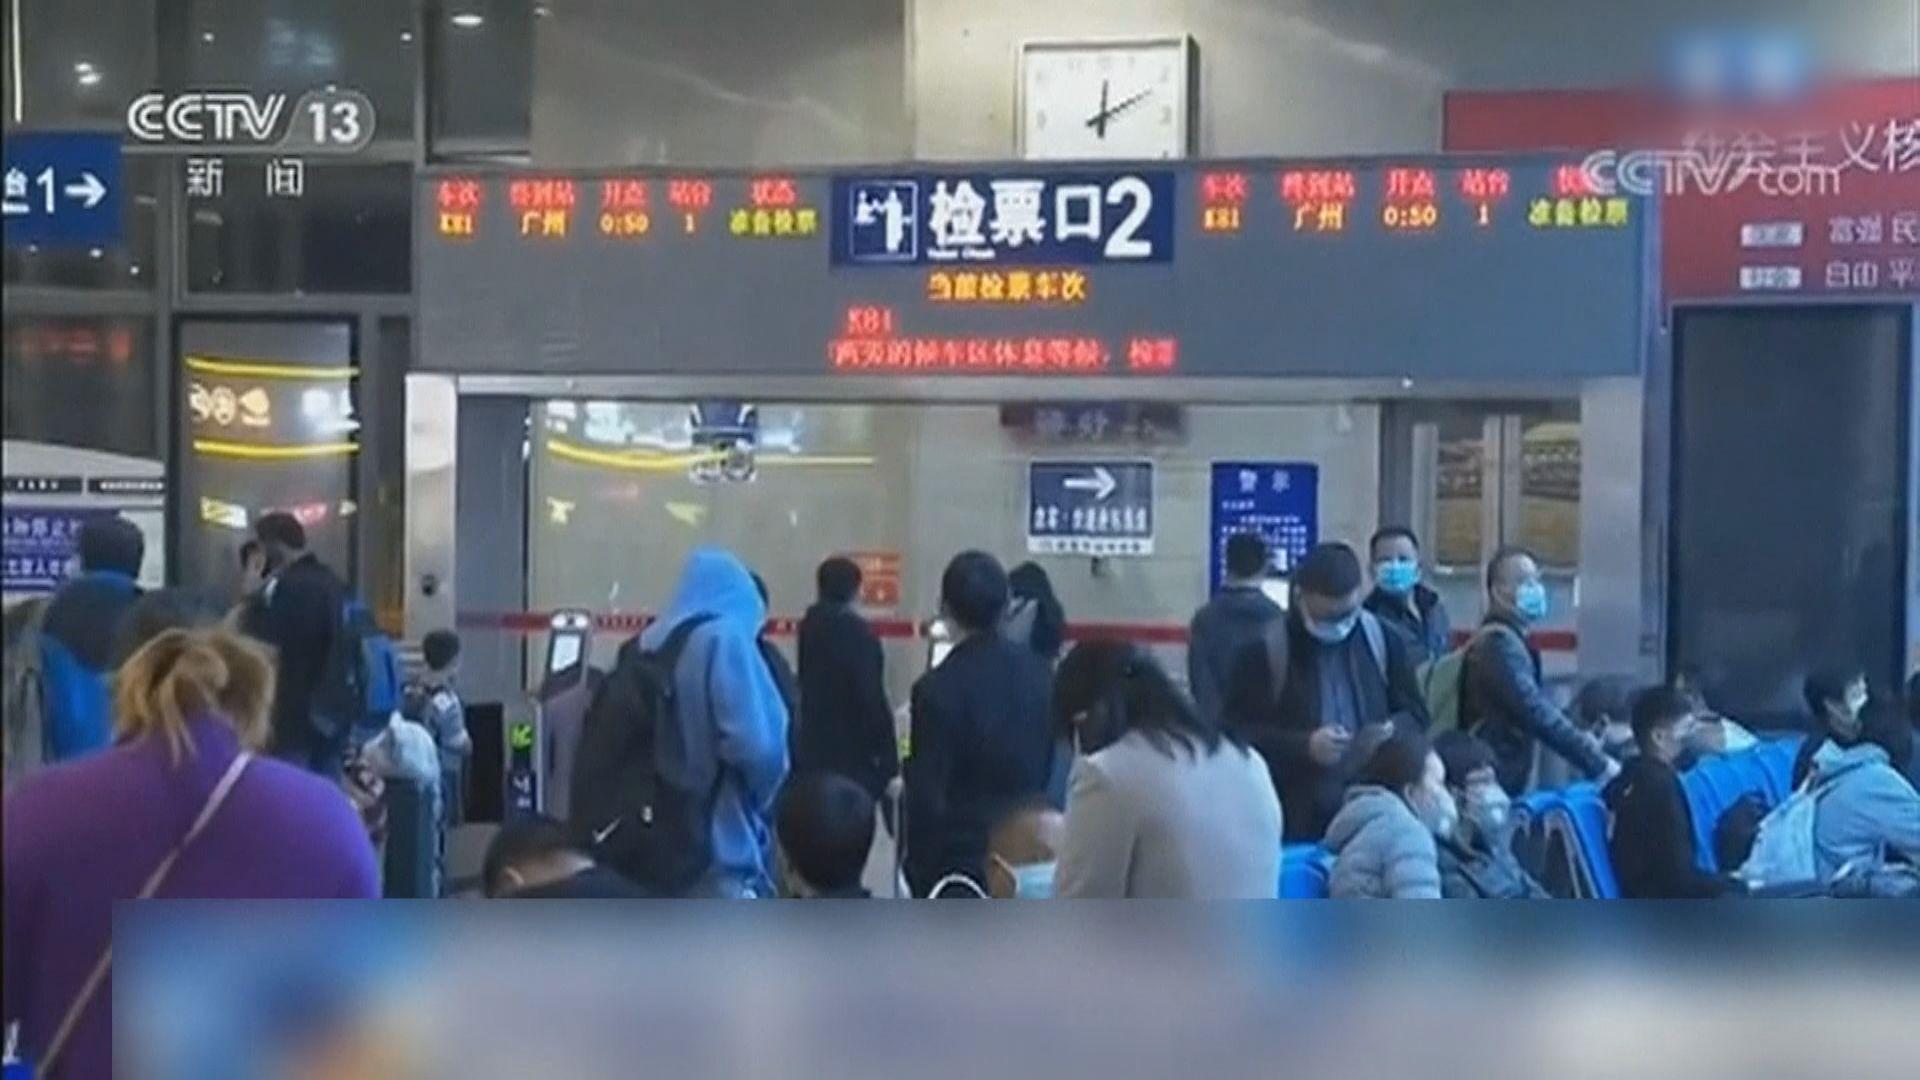 湖北武漢解封 料首日逾5.5萬人乘火車離開